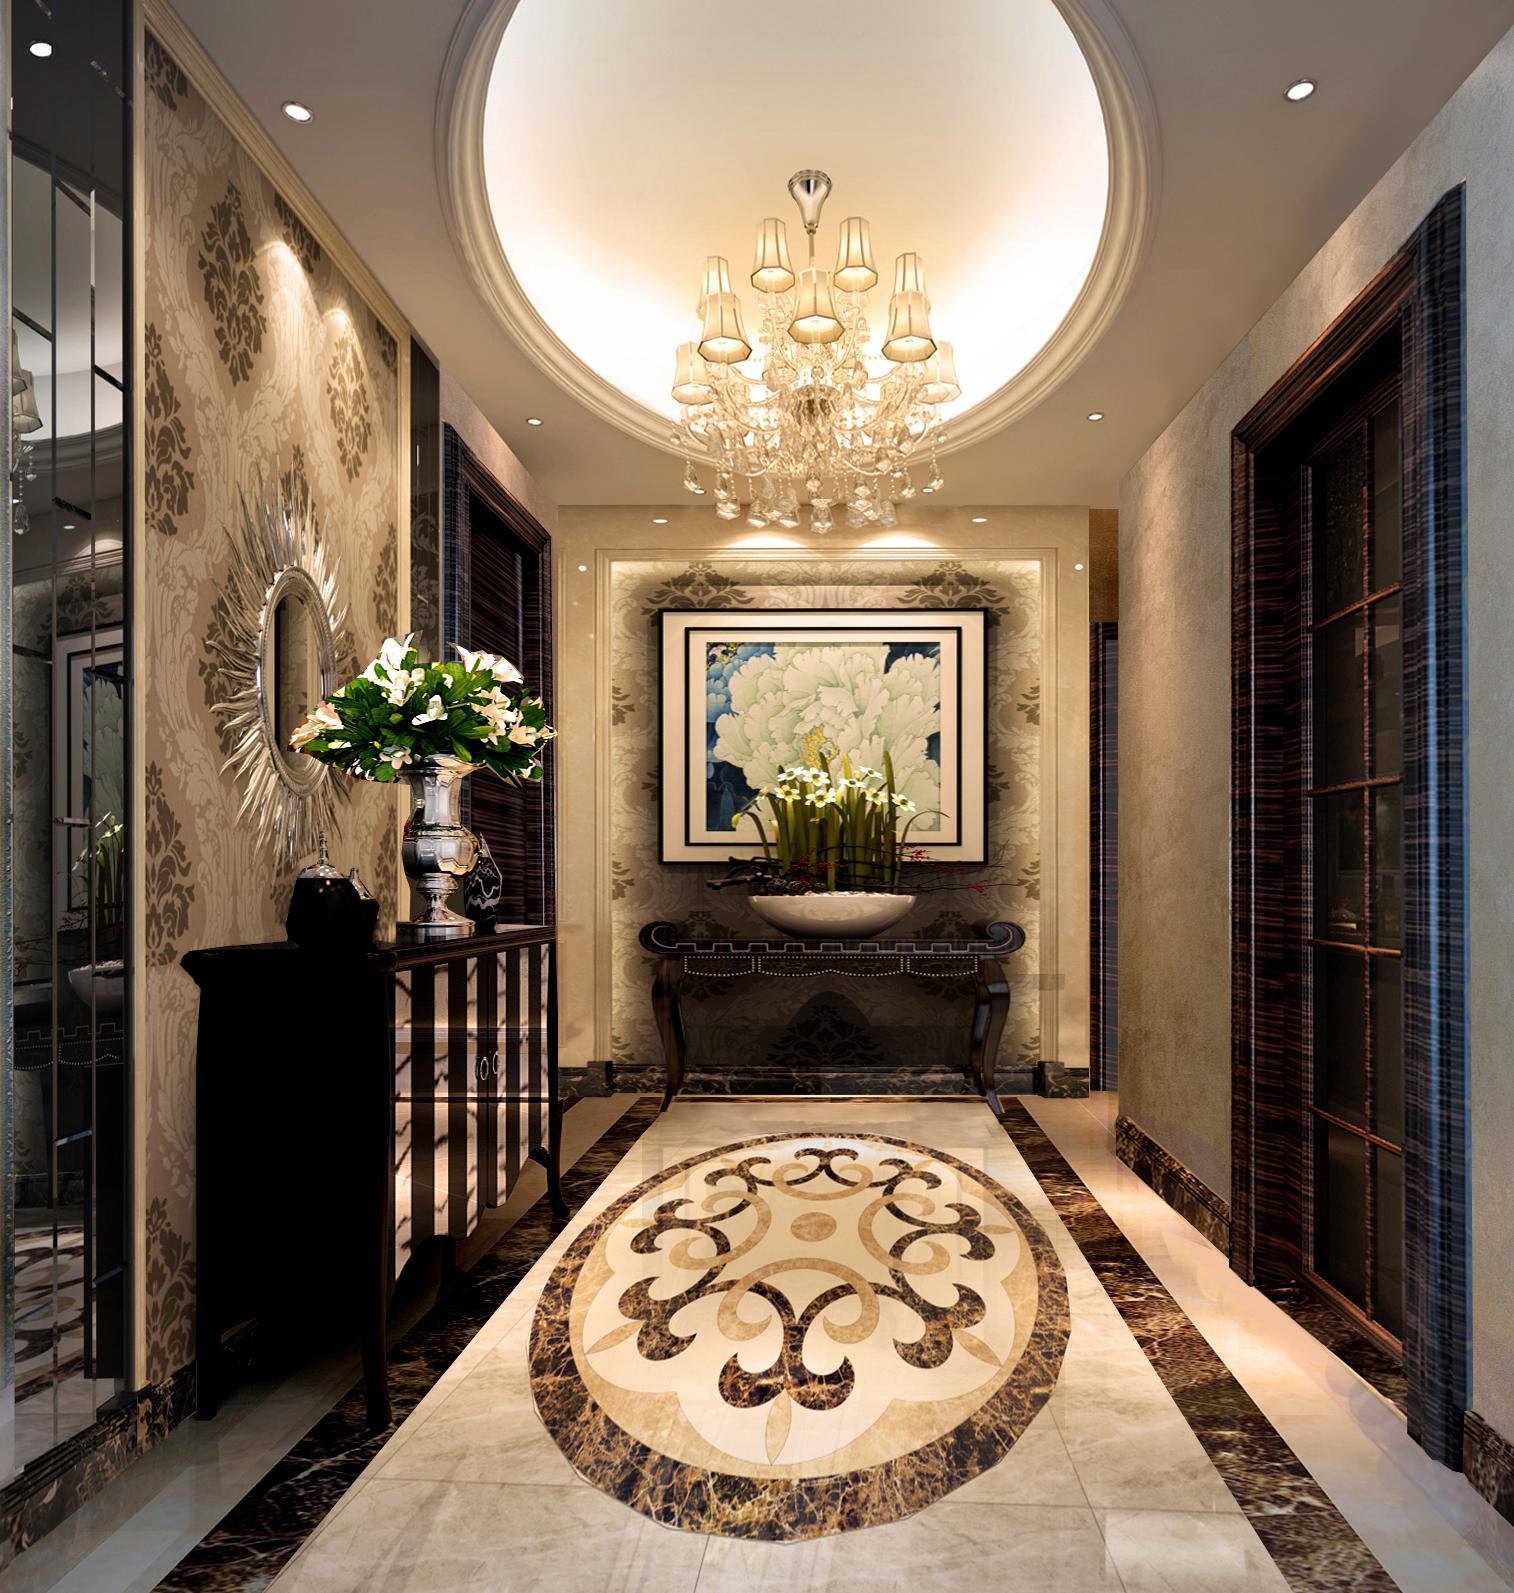 欧式 三居 客厅 卧室 厨房图片来自装饰装修-18818806853在锦绣半岛三口之家欧式经典的分享